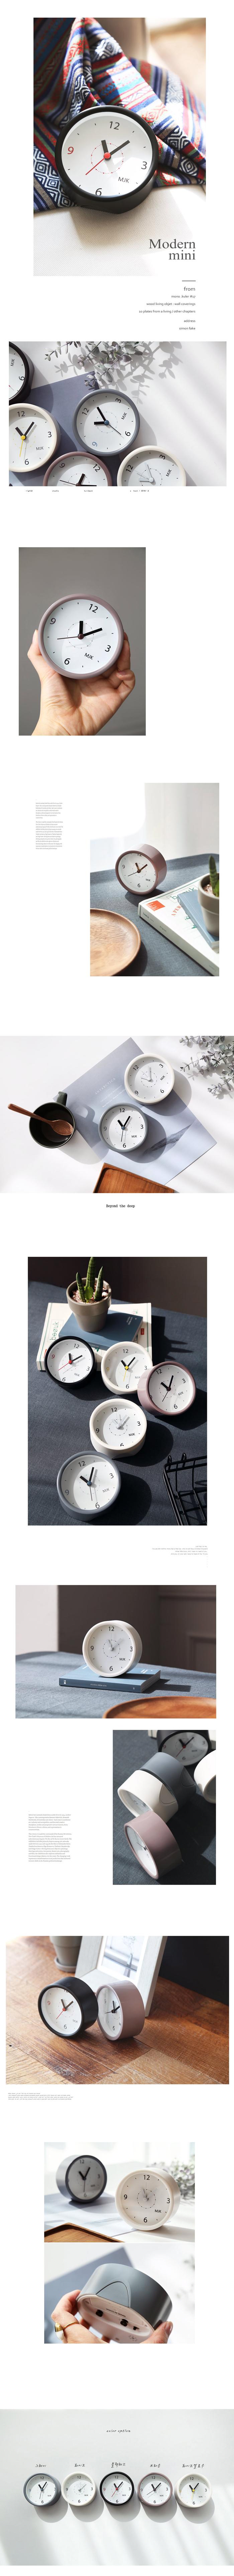 모던 미니 무소음 탁상시계(5color) lovesweety - 꾸미기 좋은날, 11,400원, 알람/탁상시계, 디자인시계